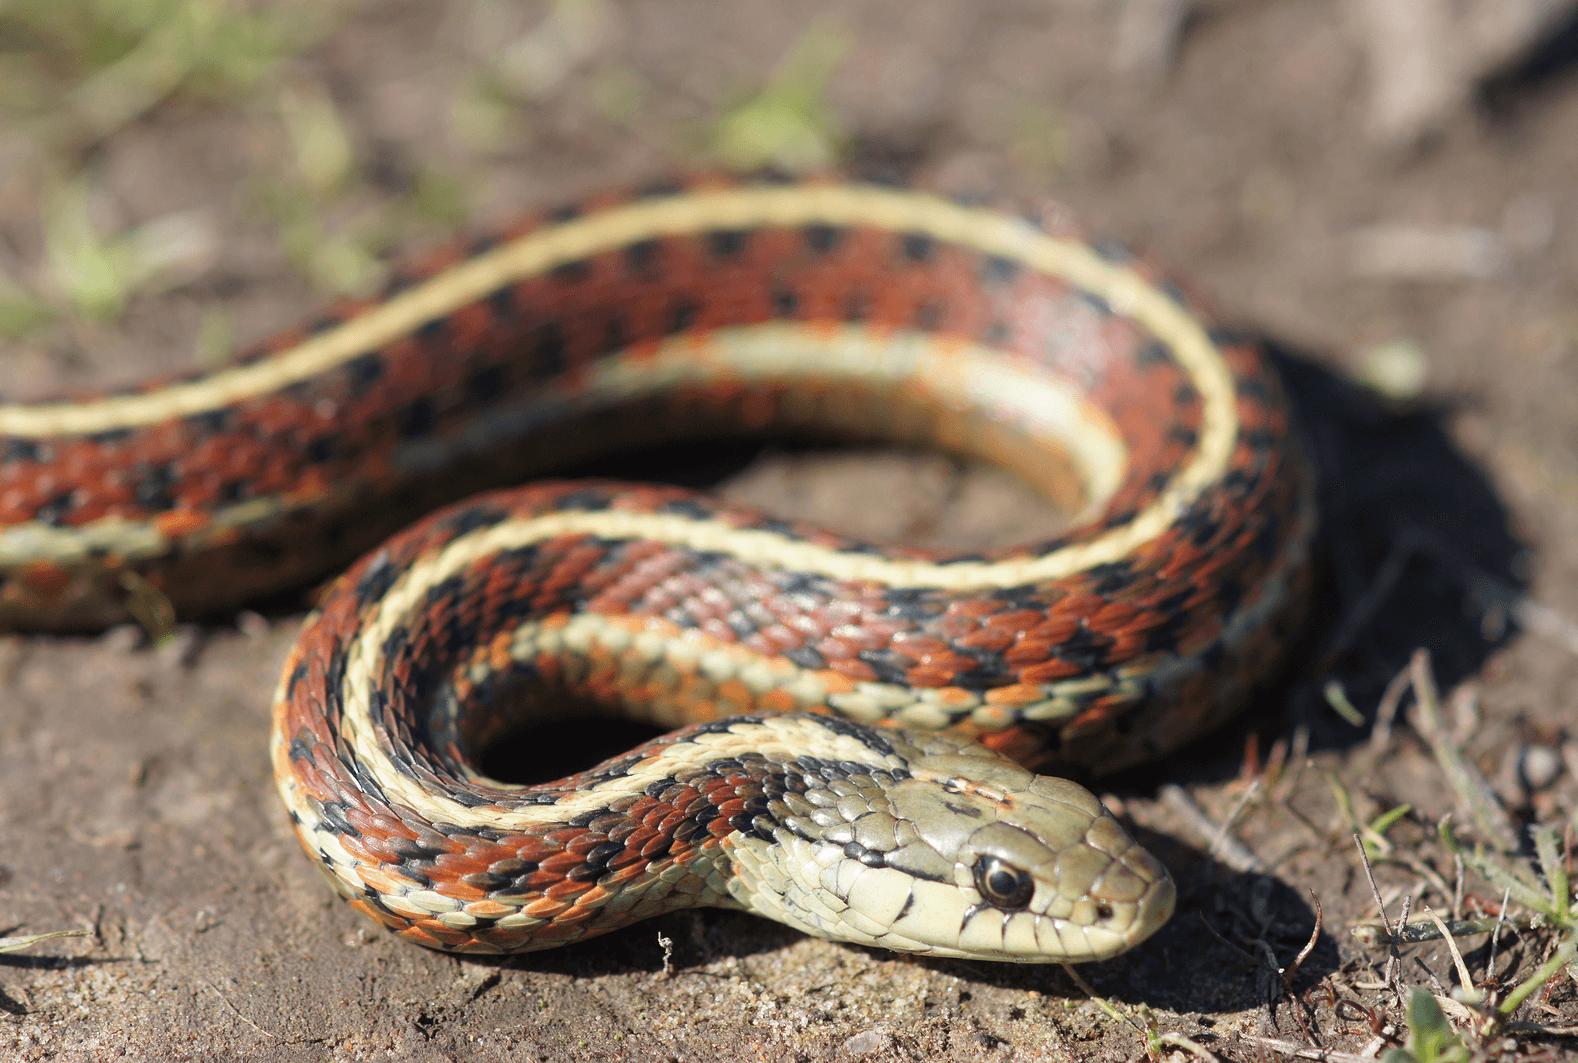 Cosa mangiano i serpenti giarrettiera?